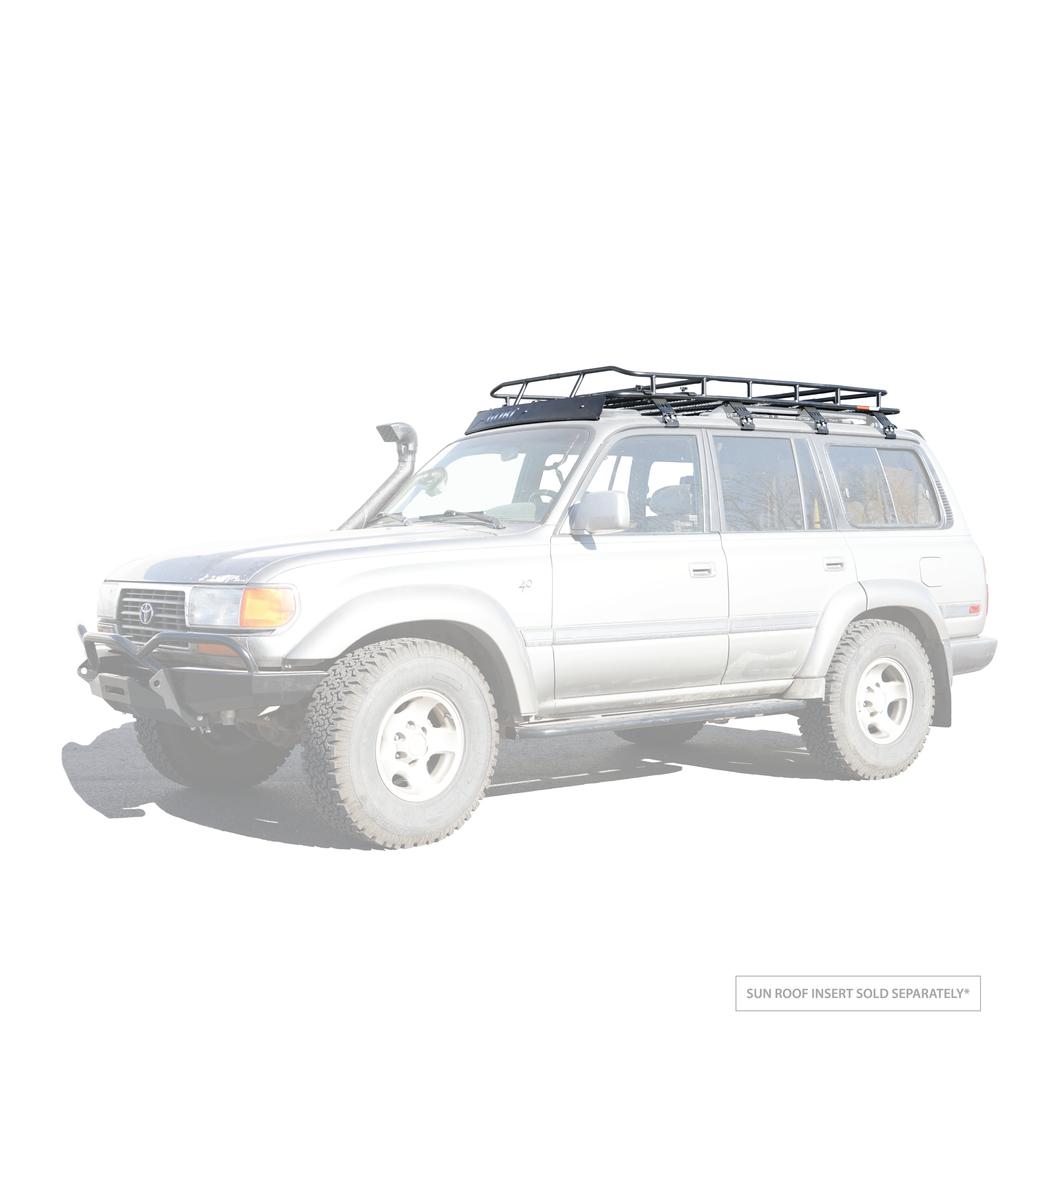 Gobi Toyota Landcruiser 80 Ranger Rack Multi Light Setup 1973 Land Cruiser Specs Webpnet Resizeimage 334